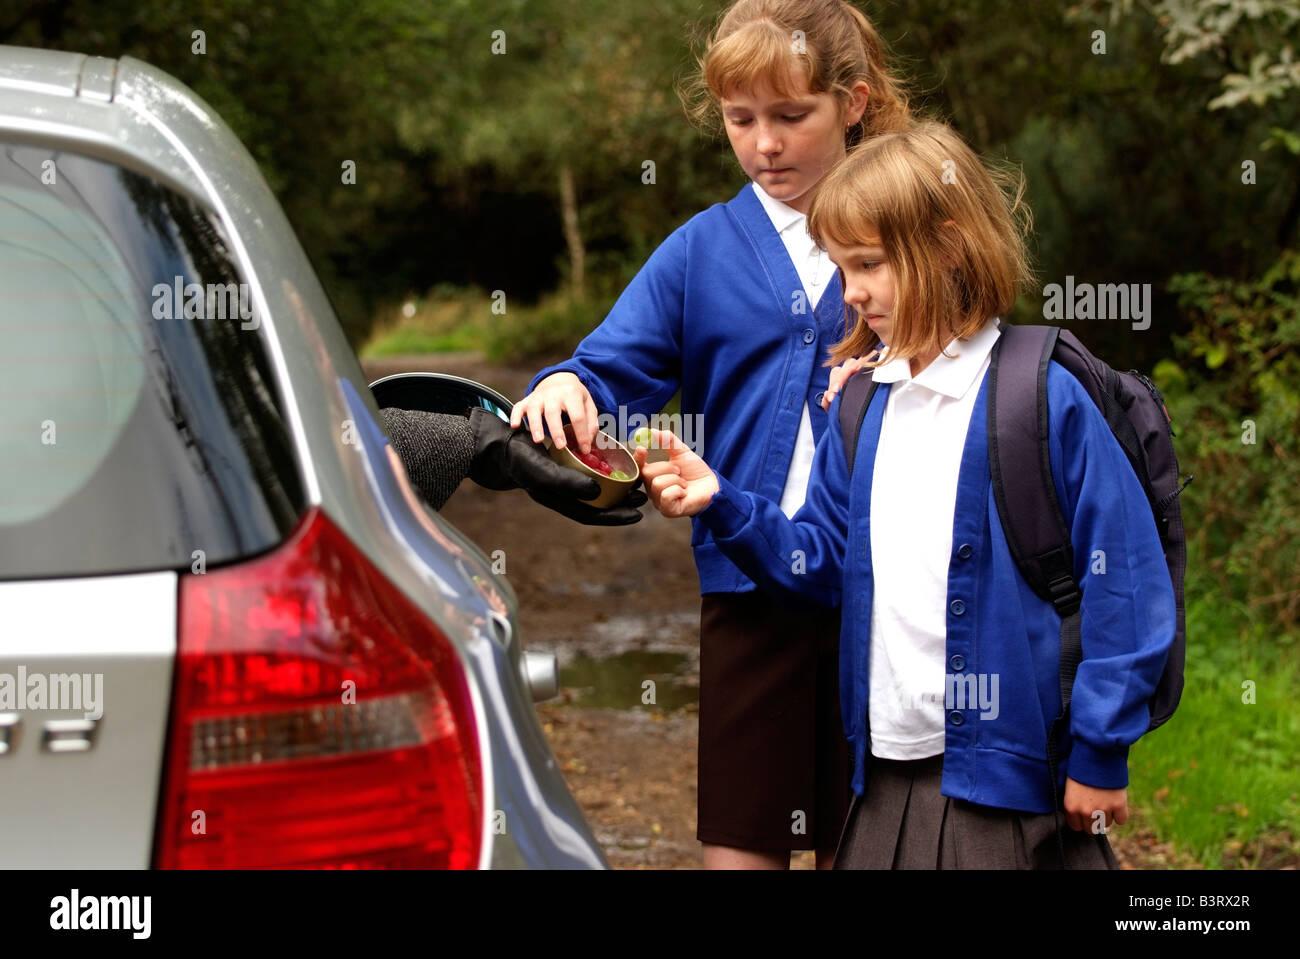 Las niñas solas en un carril del país tomar dulces de un extraño conduciendo un coche Foto de stock